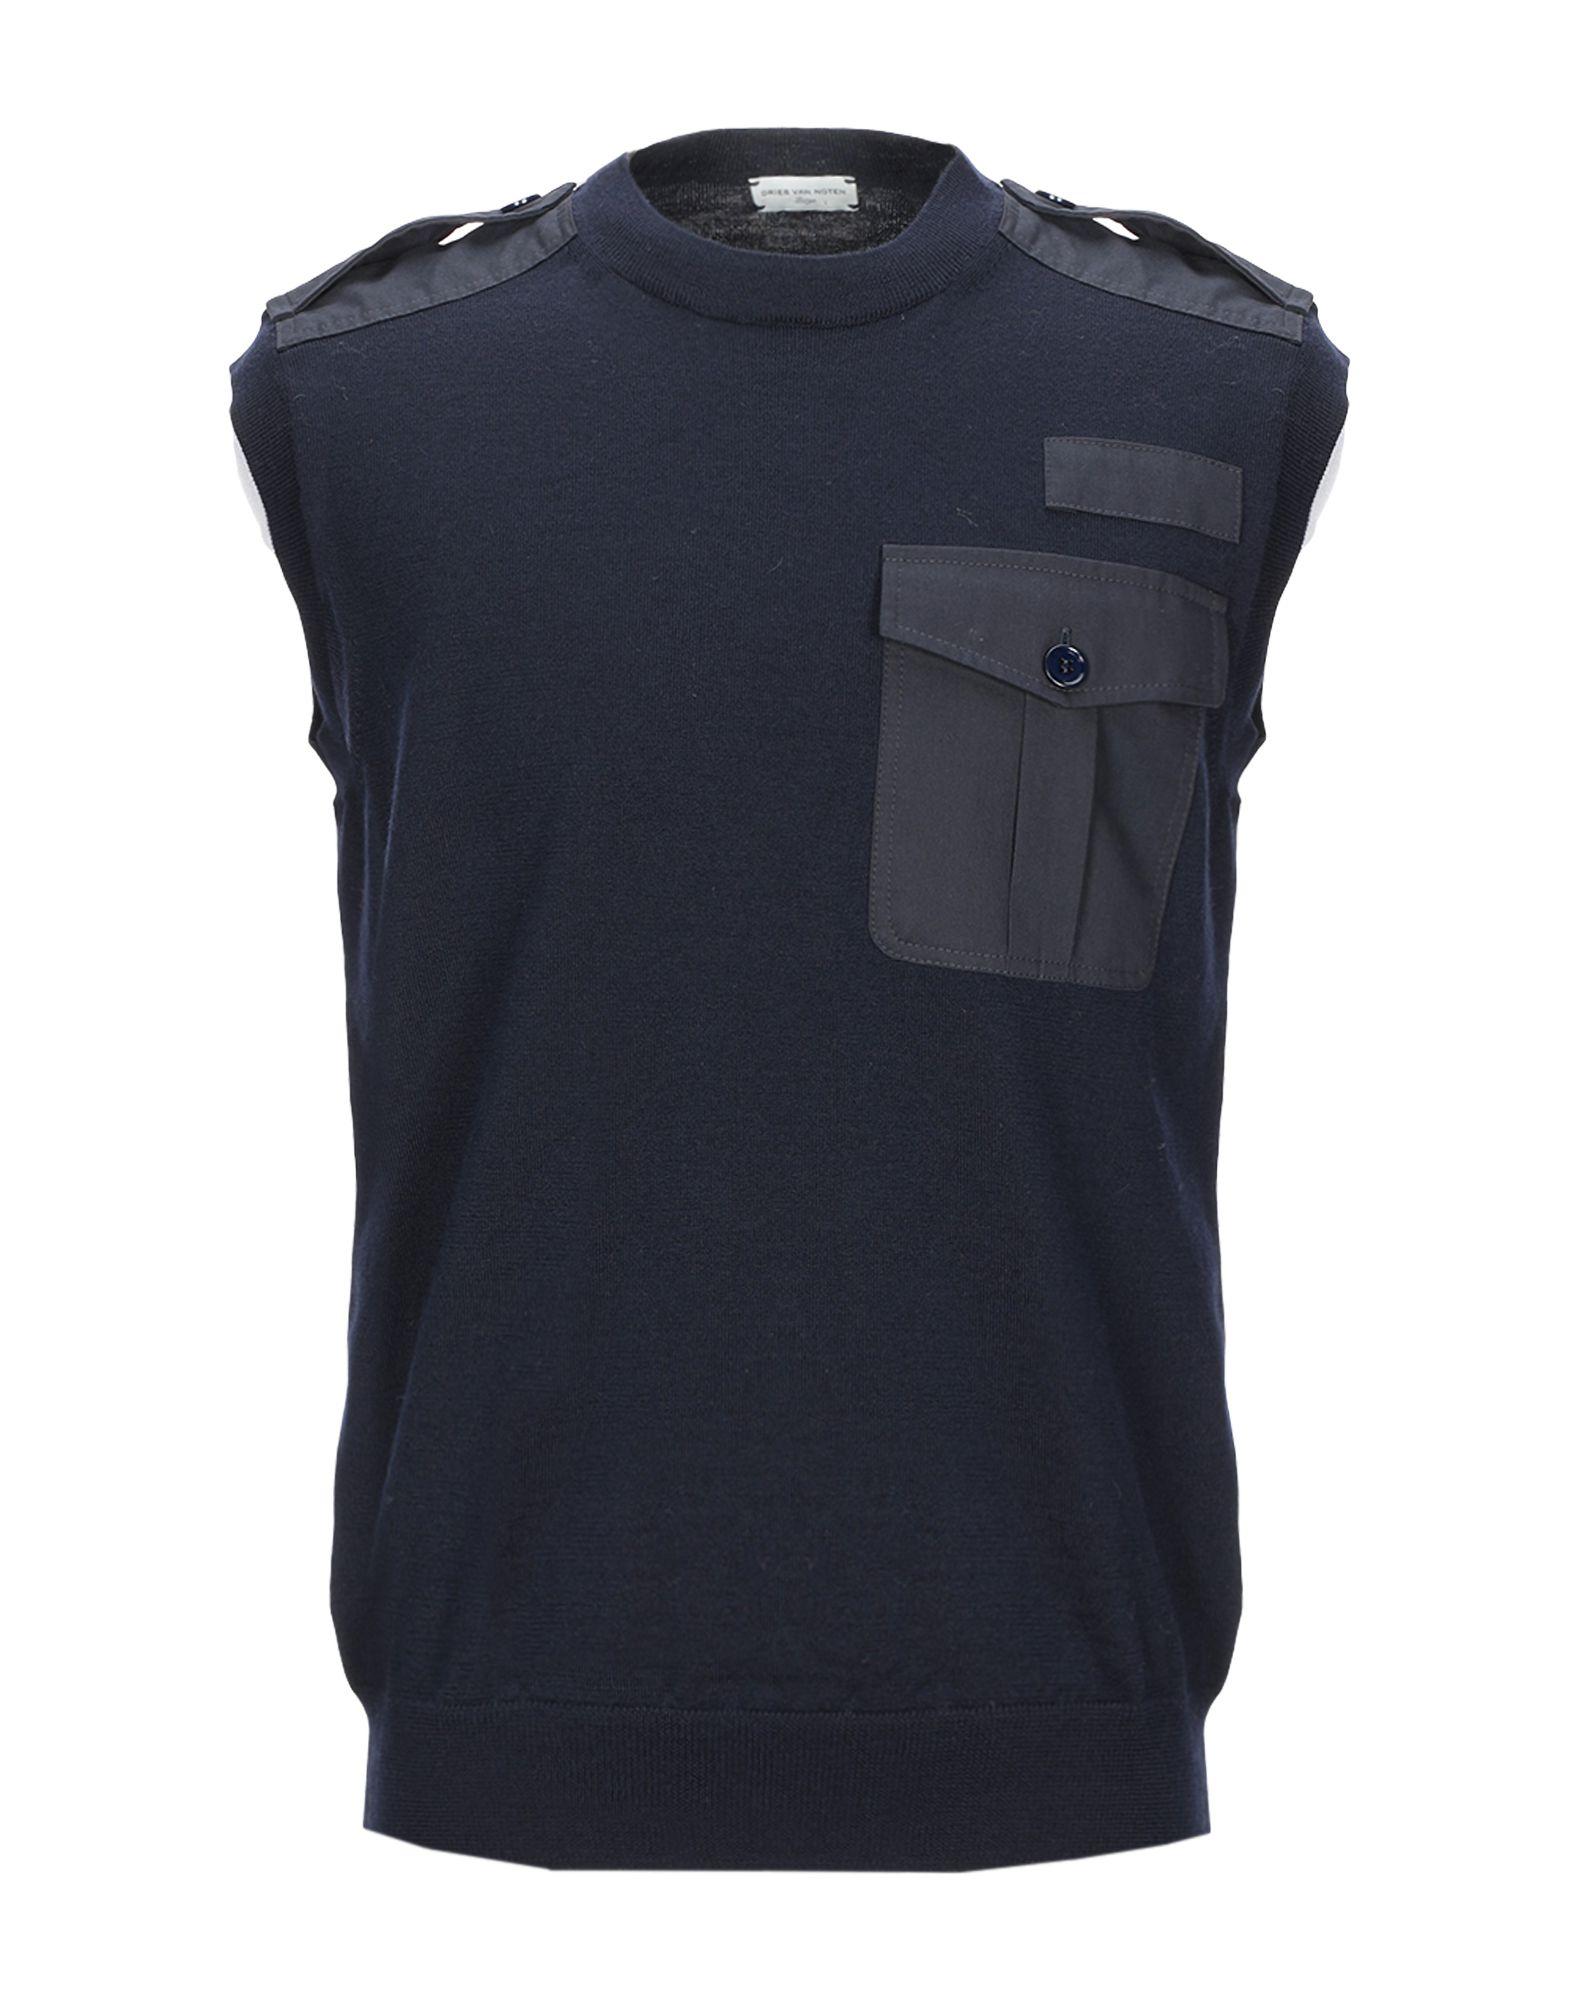 DRIES VAN NOTEN | DRIES VAN NOTEN Sweaters 39975597 | Goxip